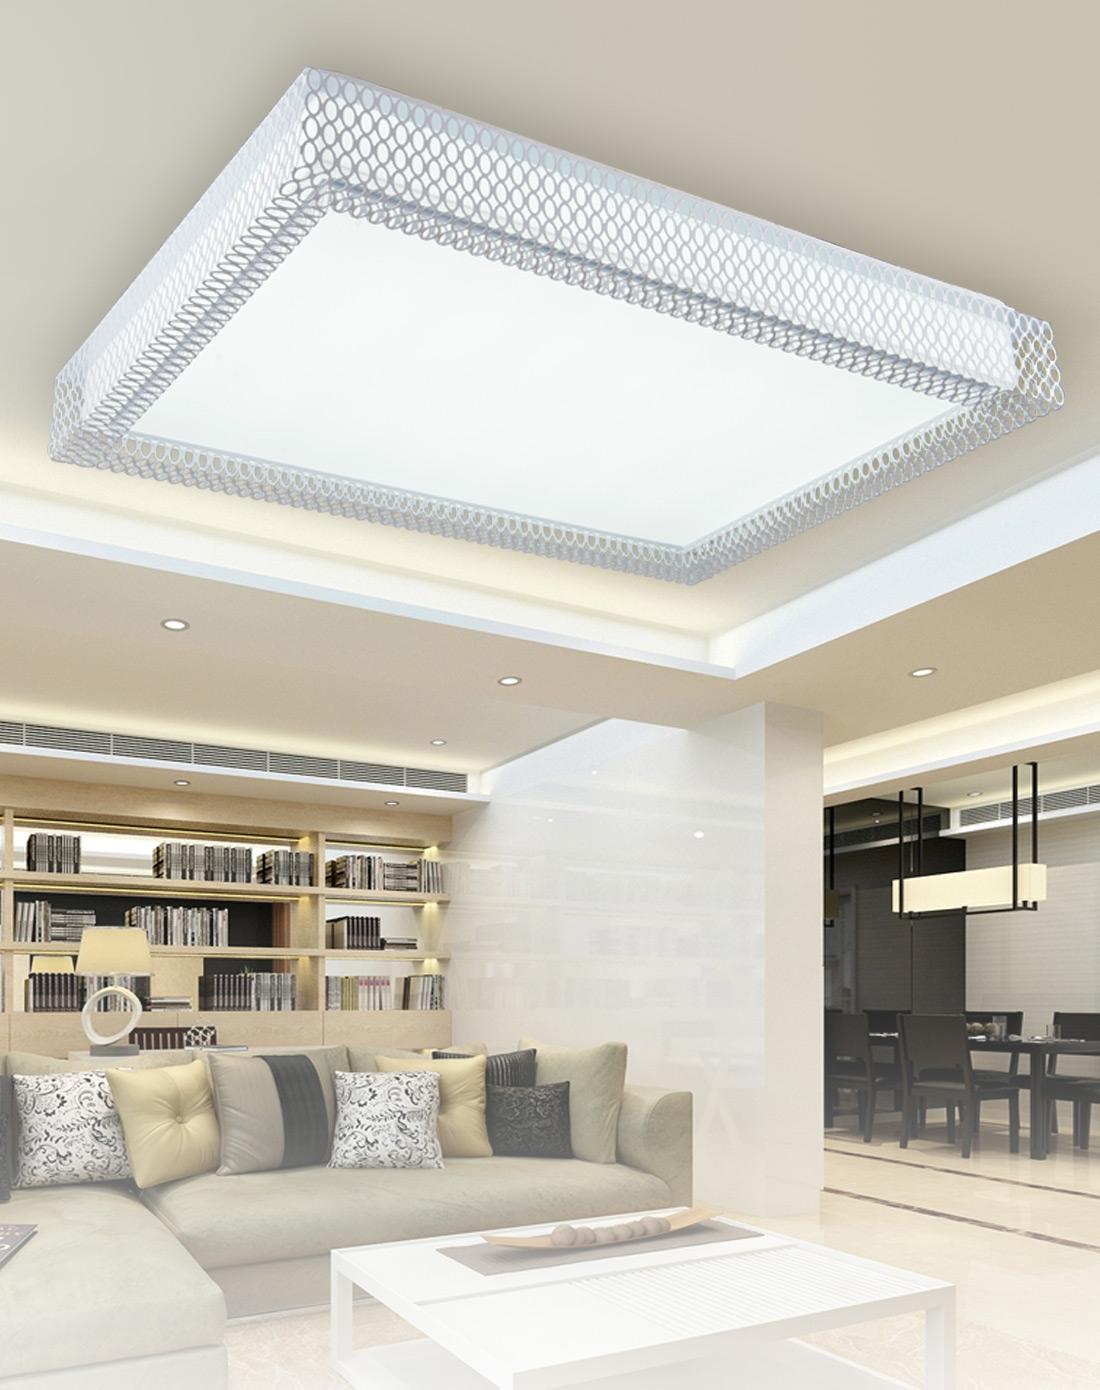 客厅吸顶灯类型,如何选择客厅吸顶灯?